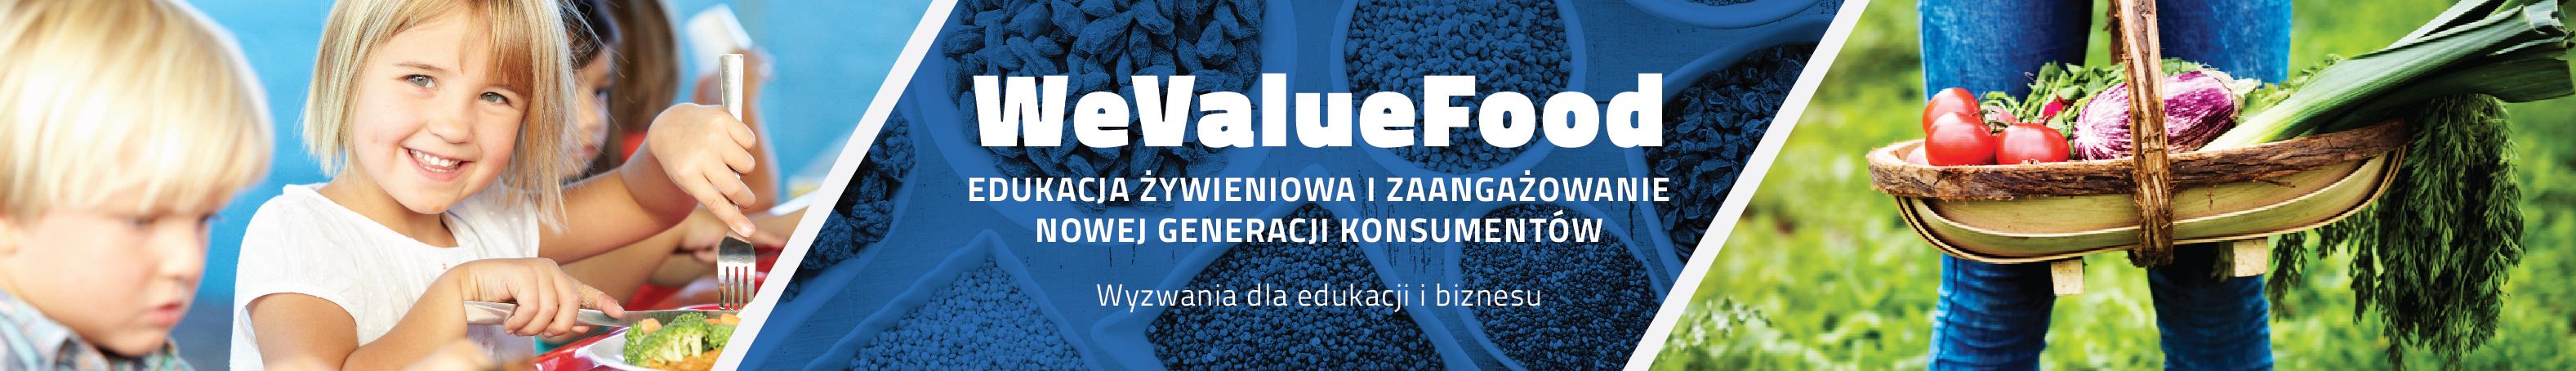 """Konferencja """"WeValueFood: Edukacja żywieniowa i zaangażowanie nowej generacji konsumentów"""" – 2 grudnia 2019 r., Warszawa"""